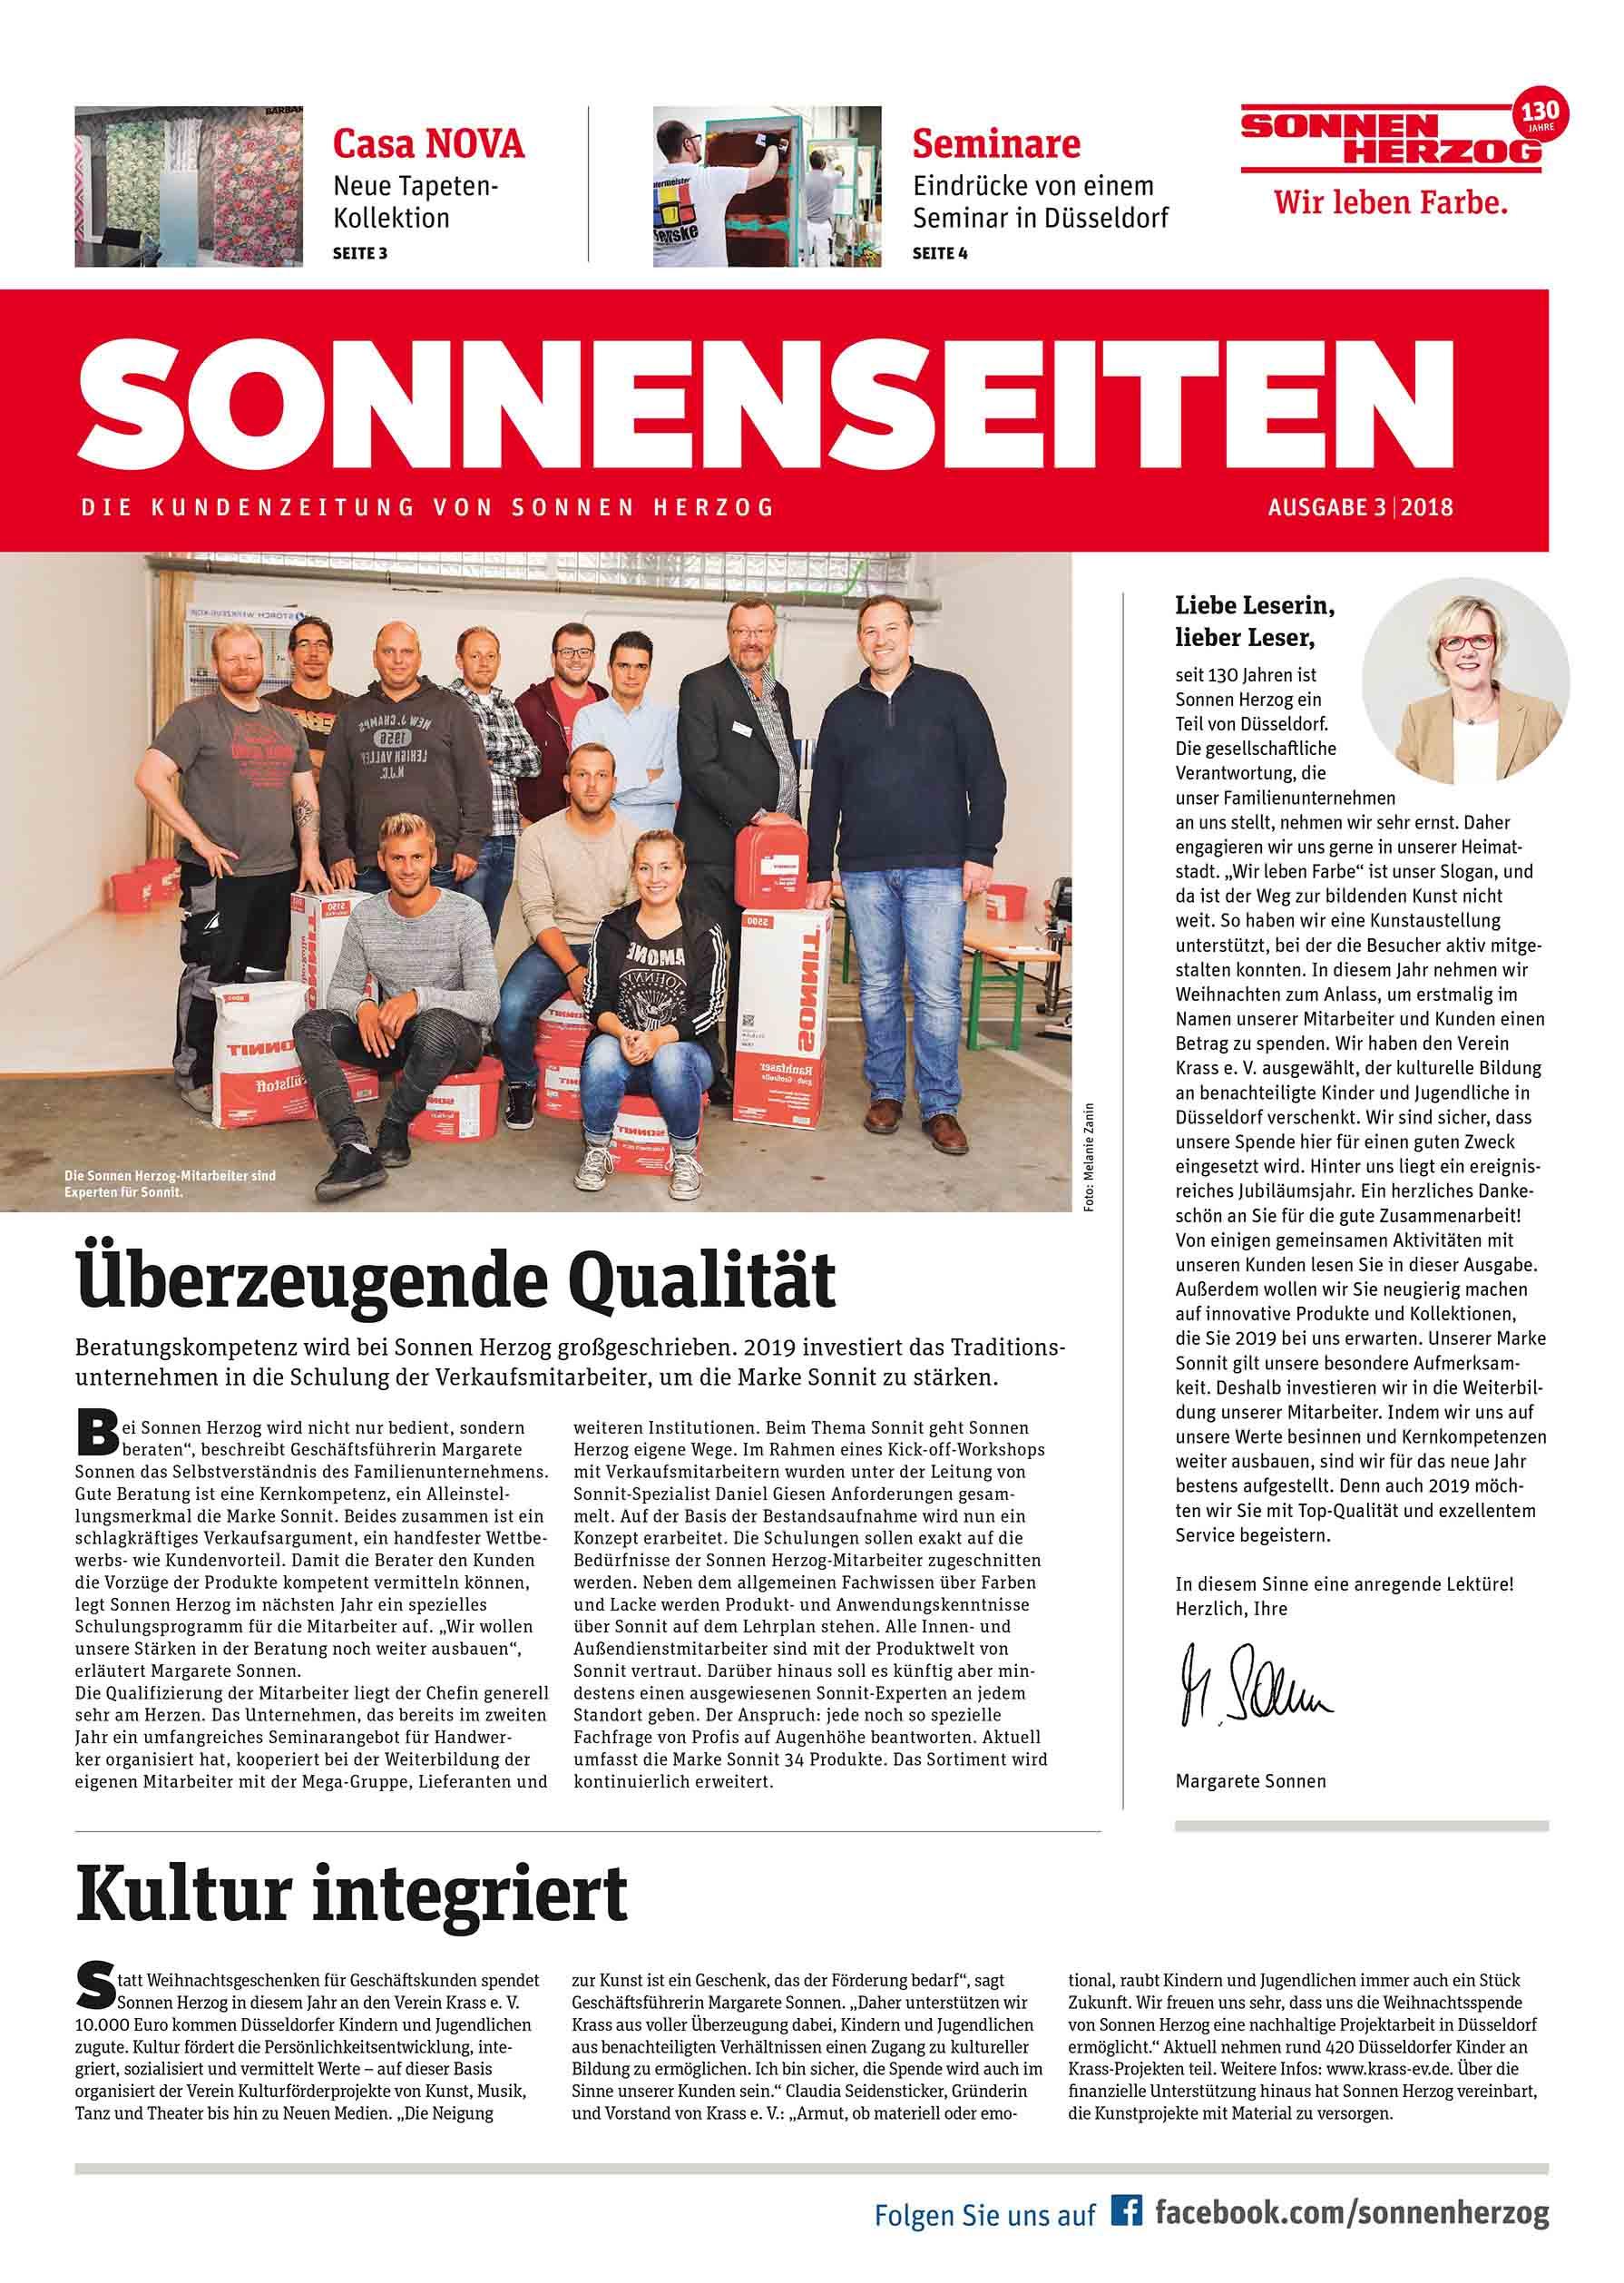 Die Kundenzeitung von Sonnen Herzog